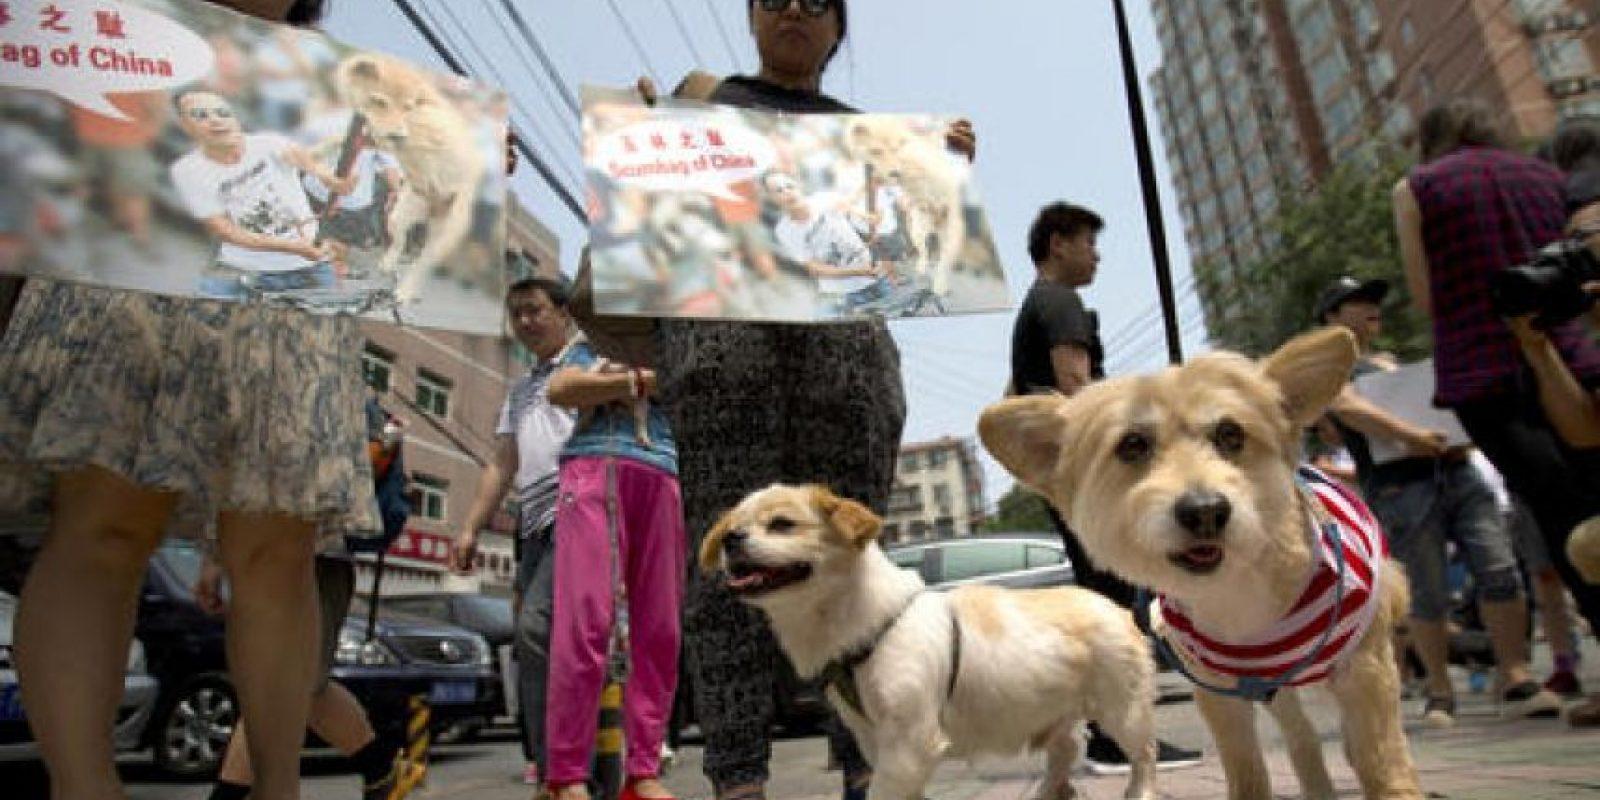 Los detractores aseguran que es un acto de crueldad extrema Foto:AP